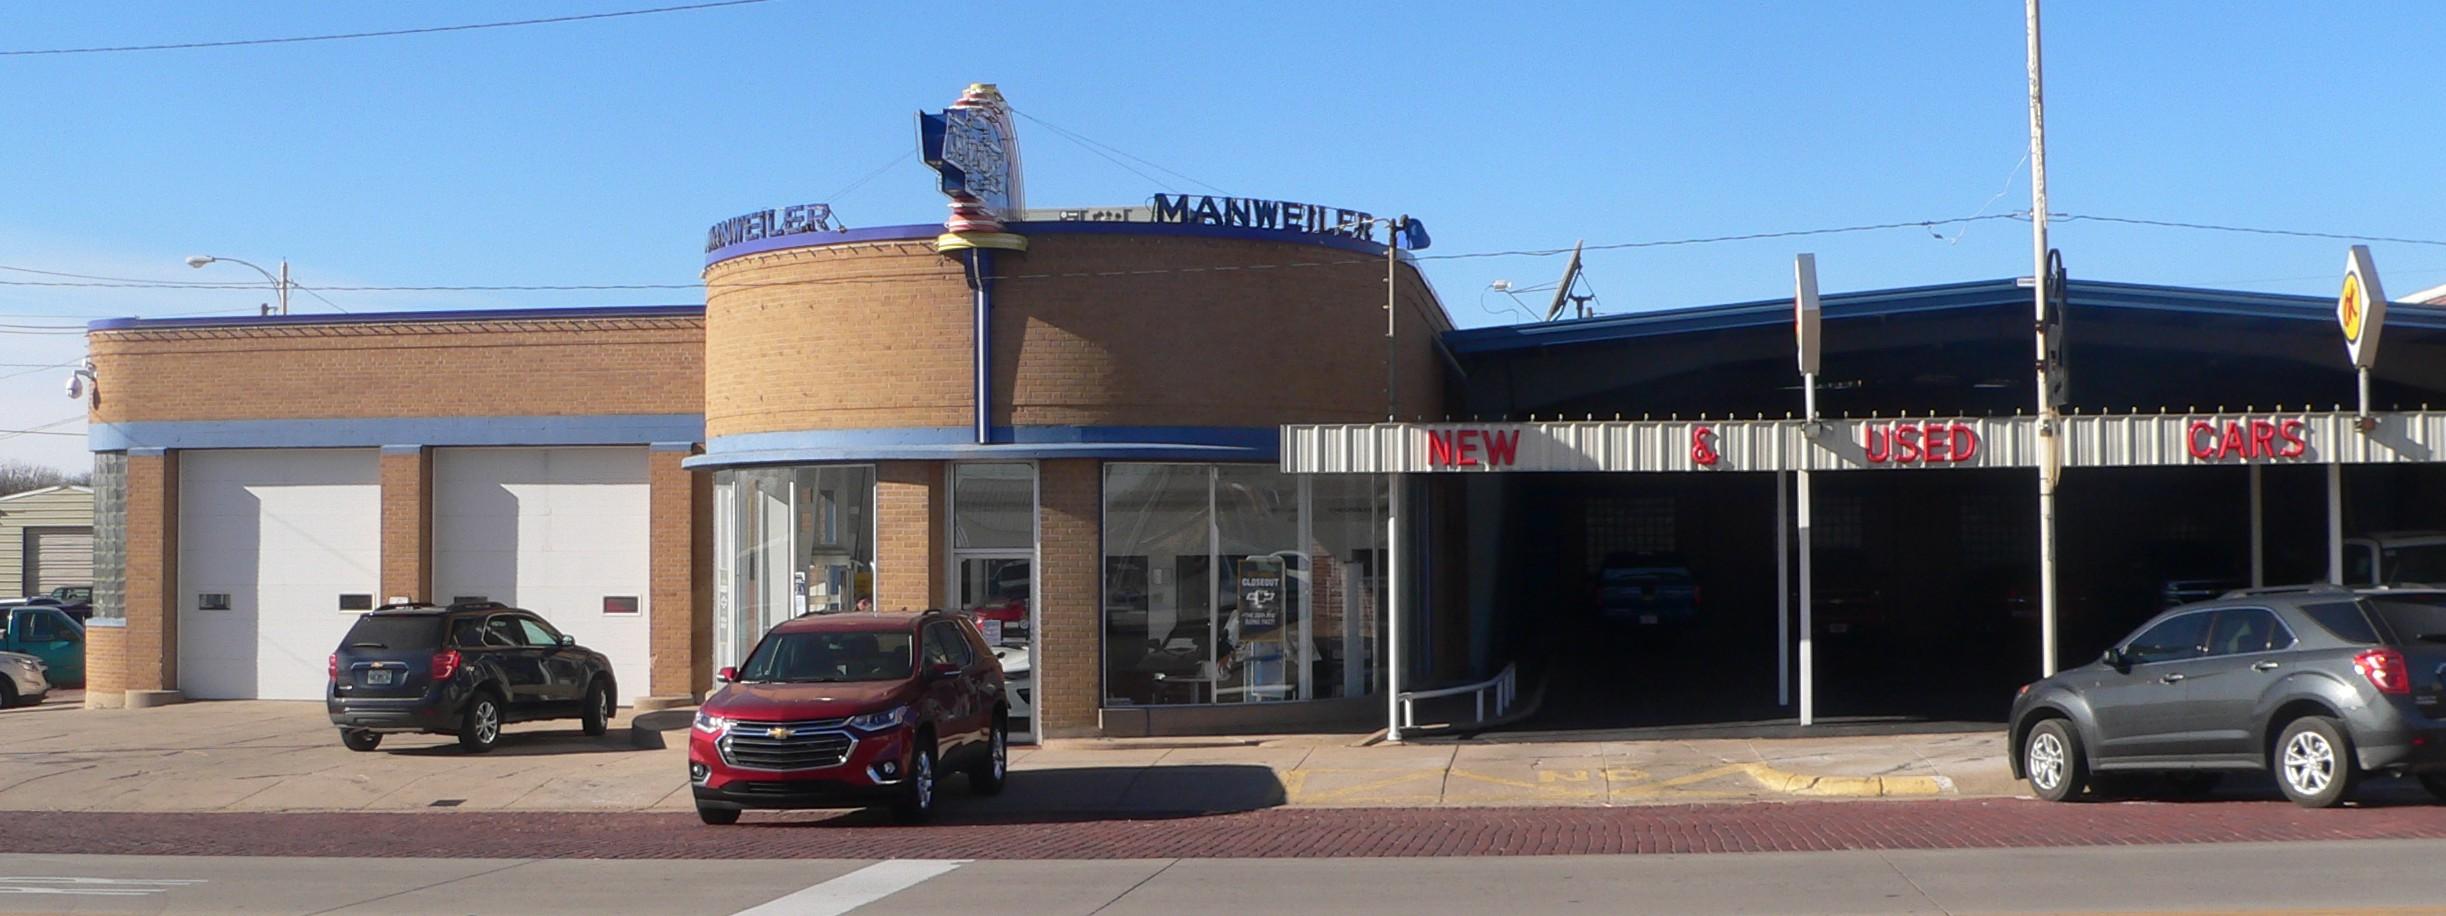 File Manweiler Chevrolet From E 1 Jpg Wikimedia Commons